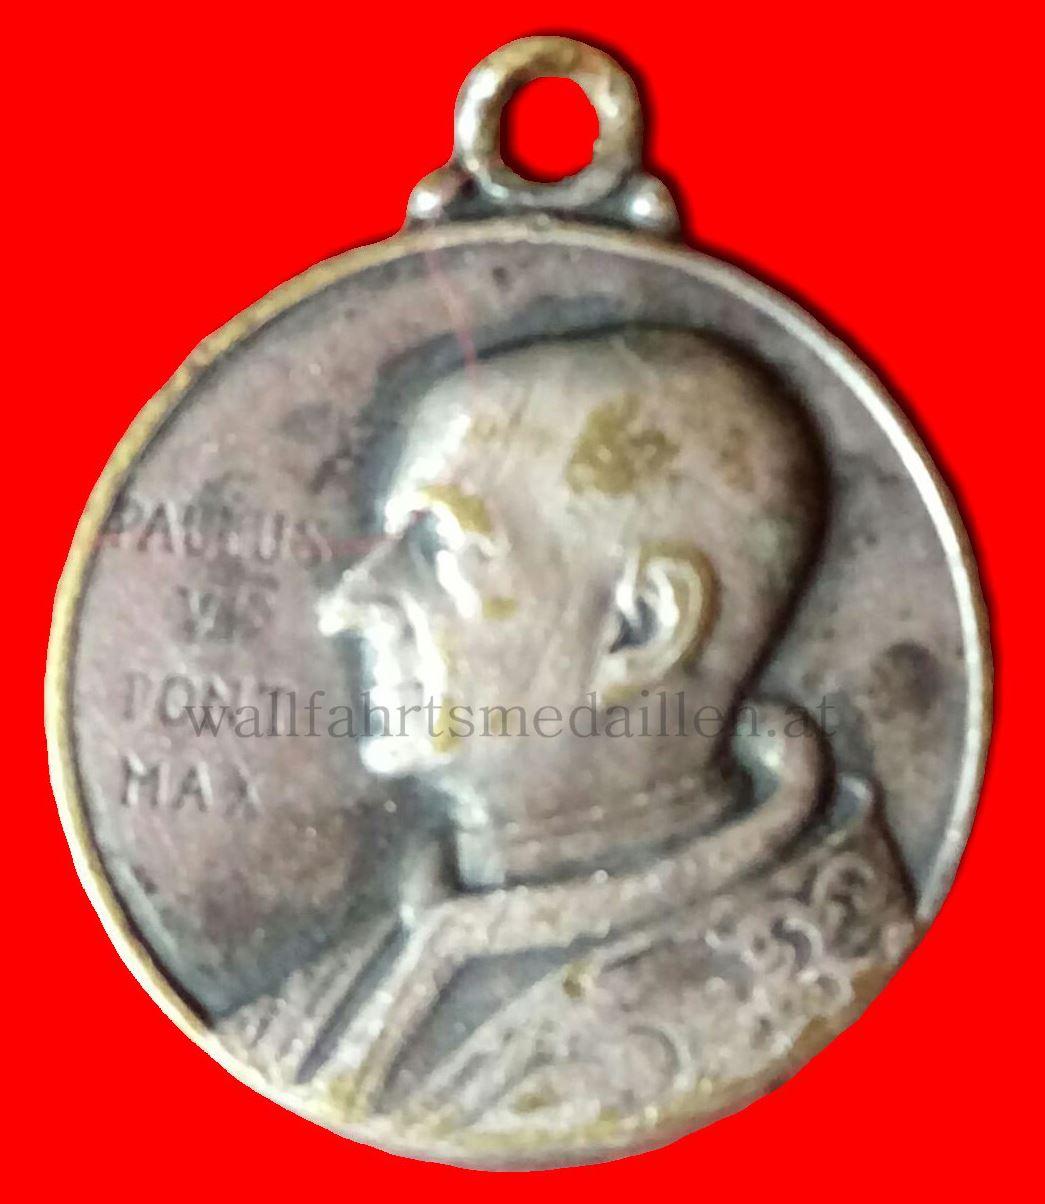 Papst Paulus VI